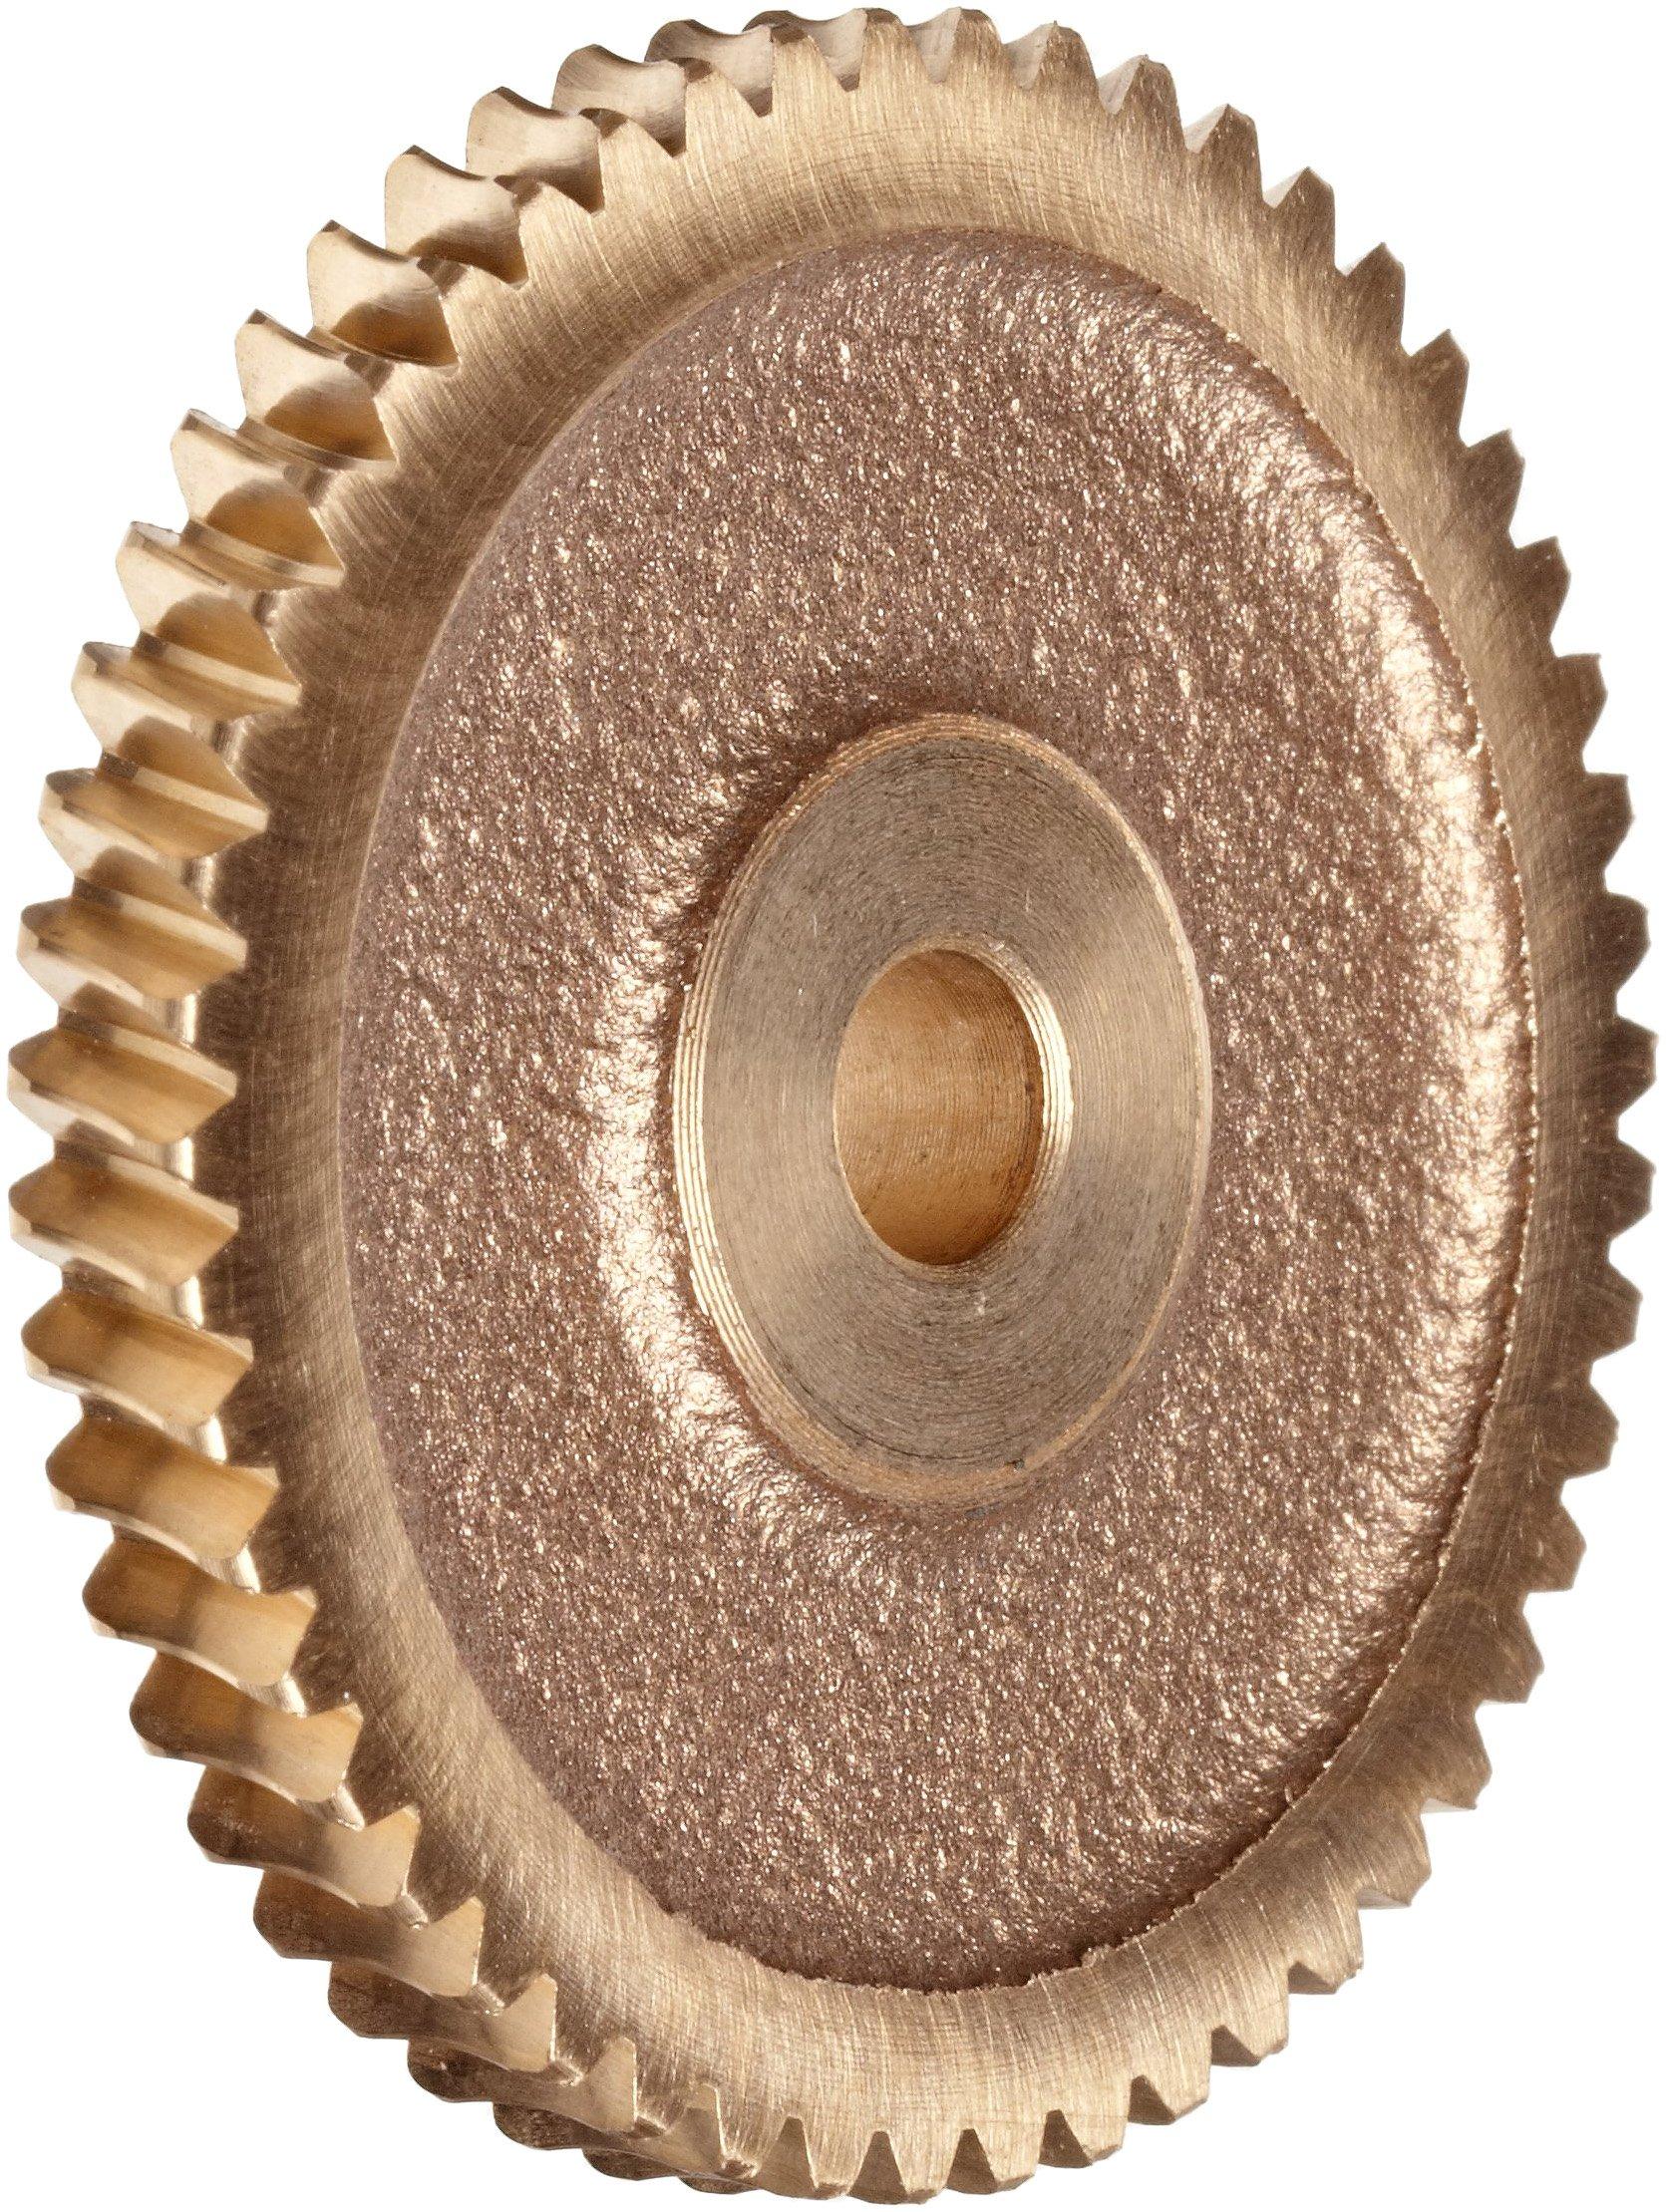 30 TEETH Web Boston Gear GB1071 Worm Gear RH 0.750 Bore 30:1 Ratio 14.5 PA Pressure Angle 0.750 Bore